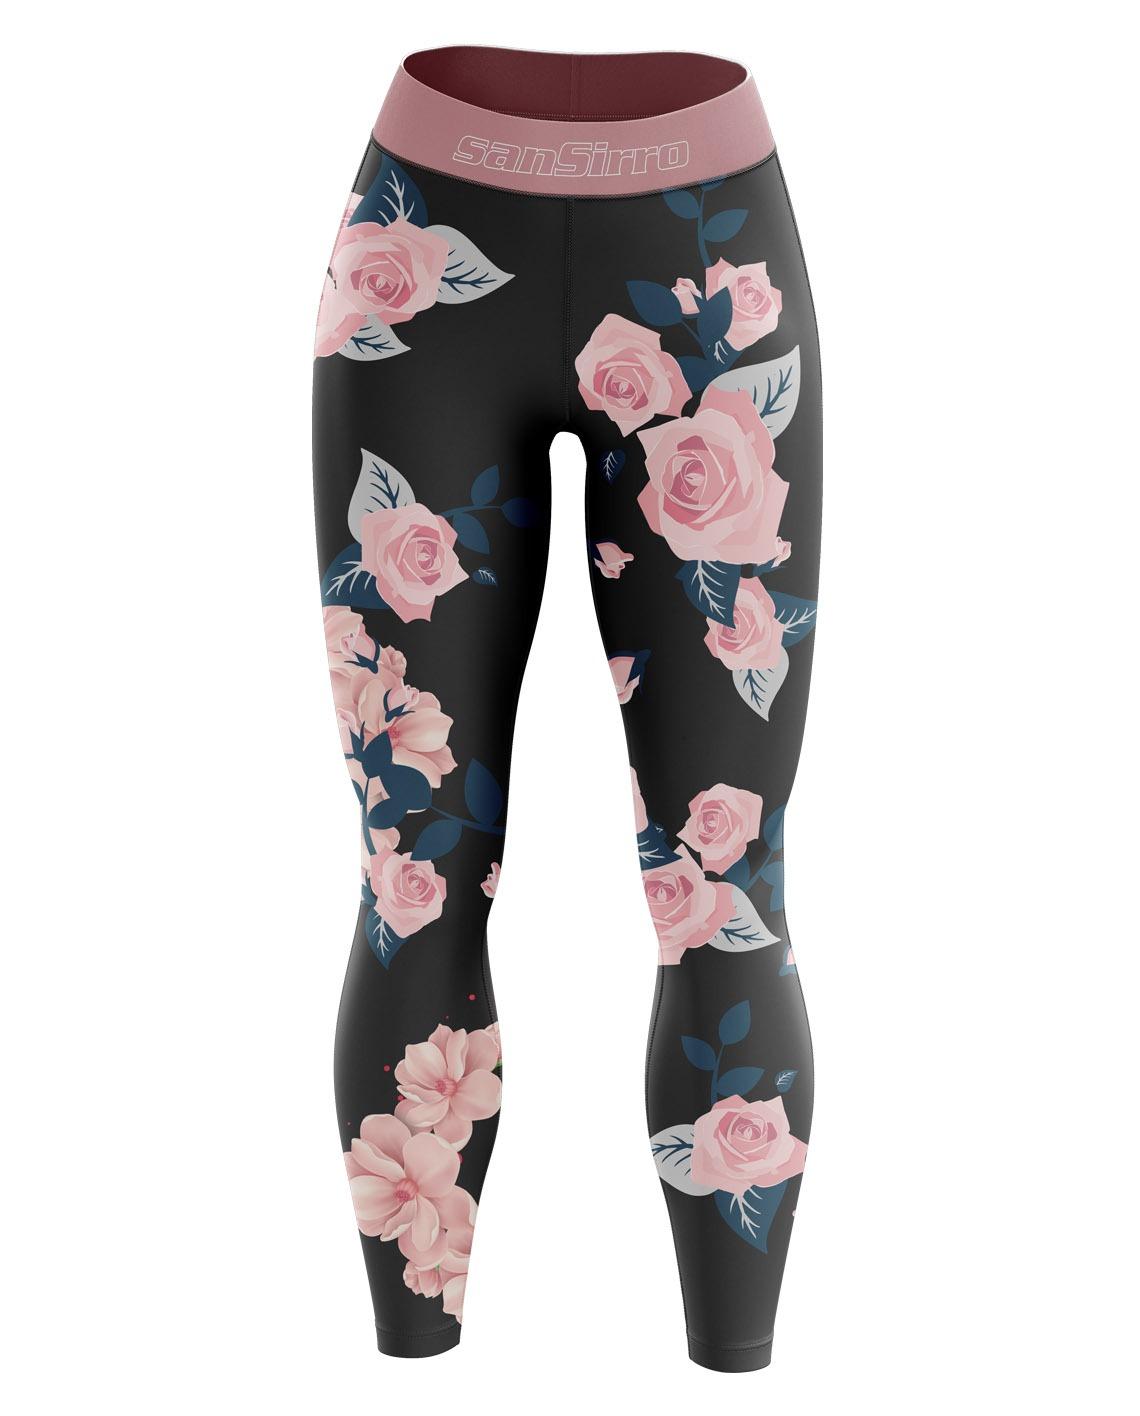 Fitness Leggings Damen Blickdicht: Leggings • SanSirro Online Shop